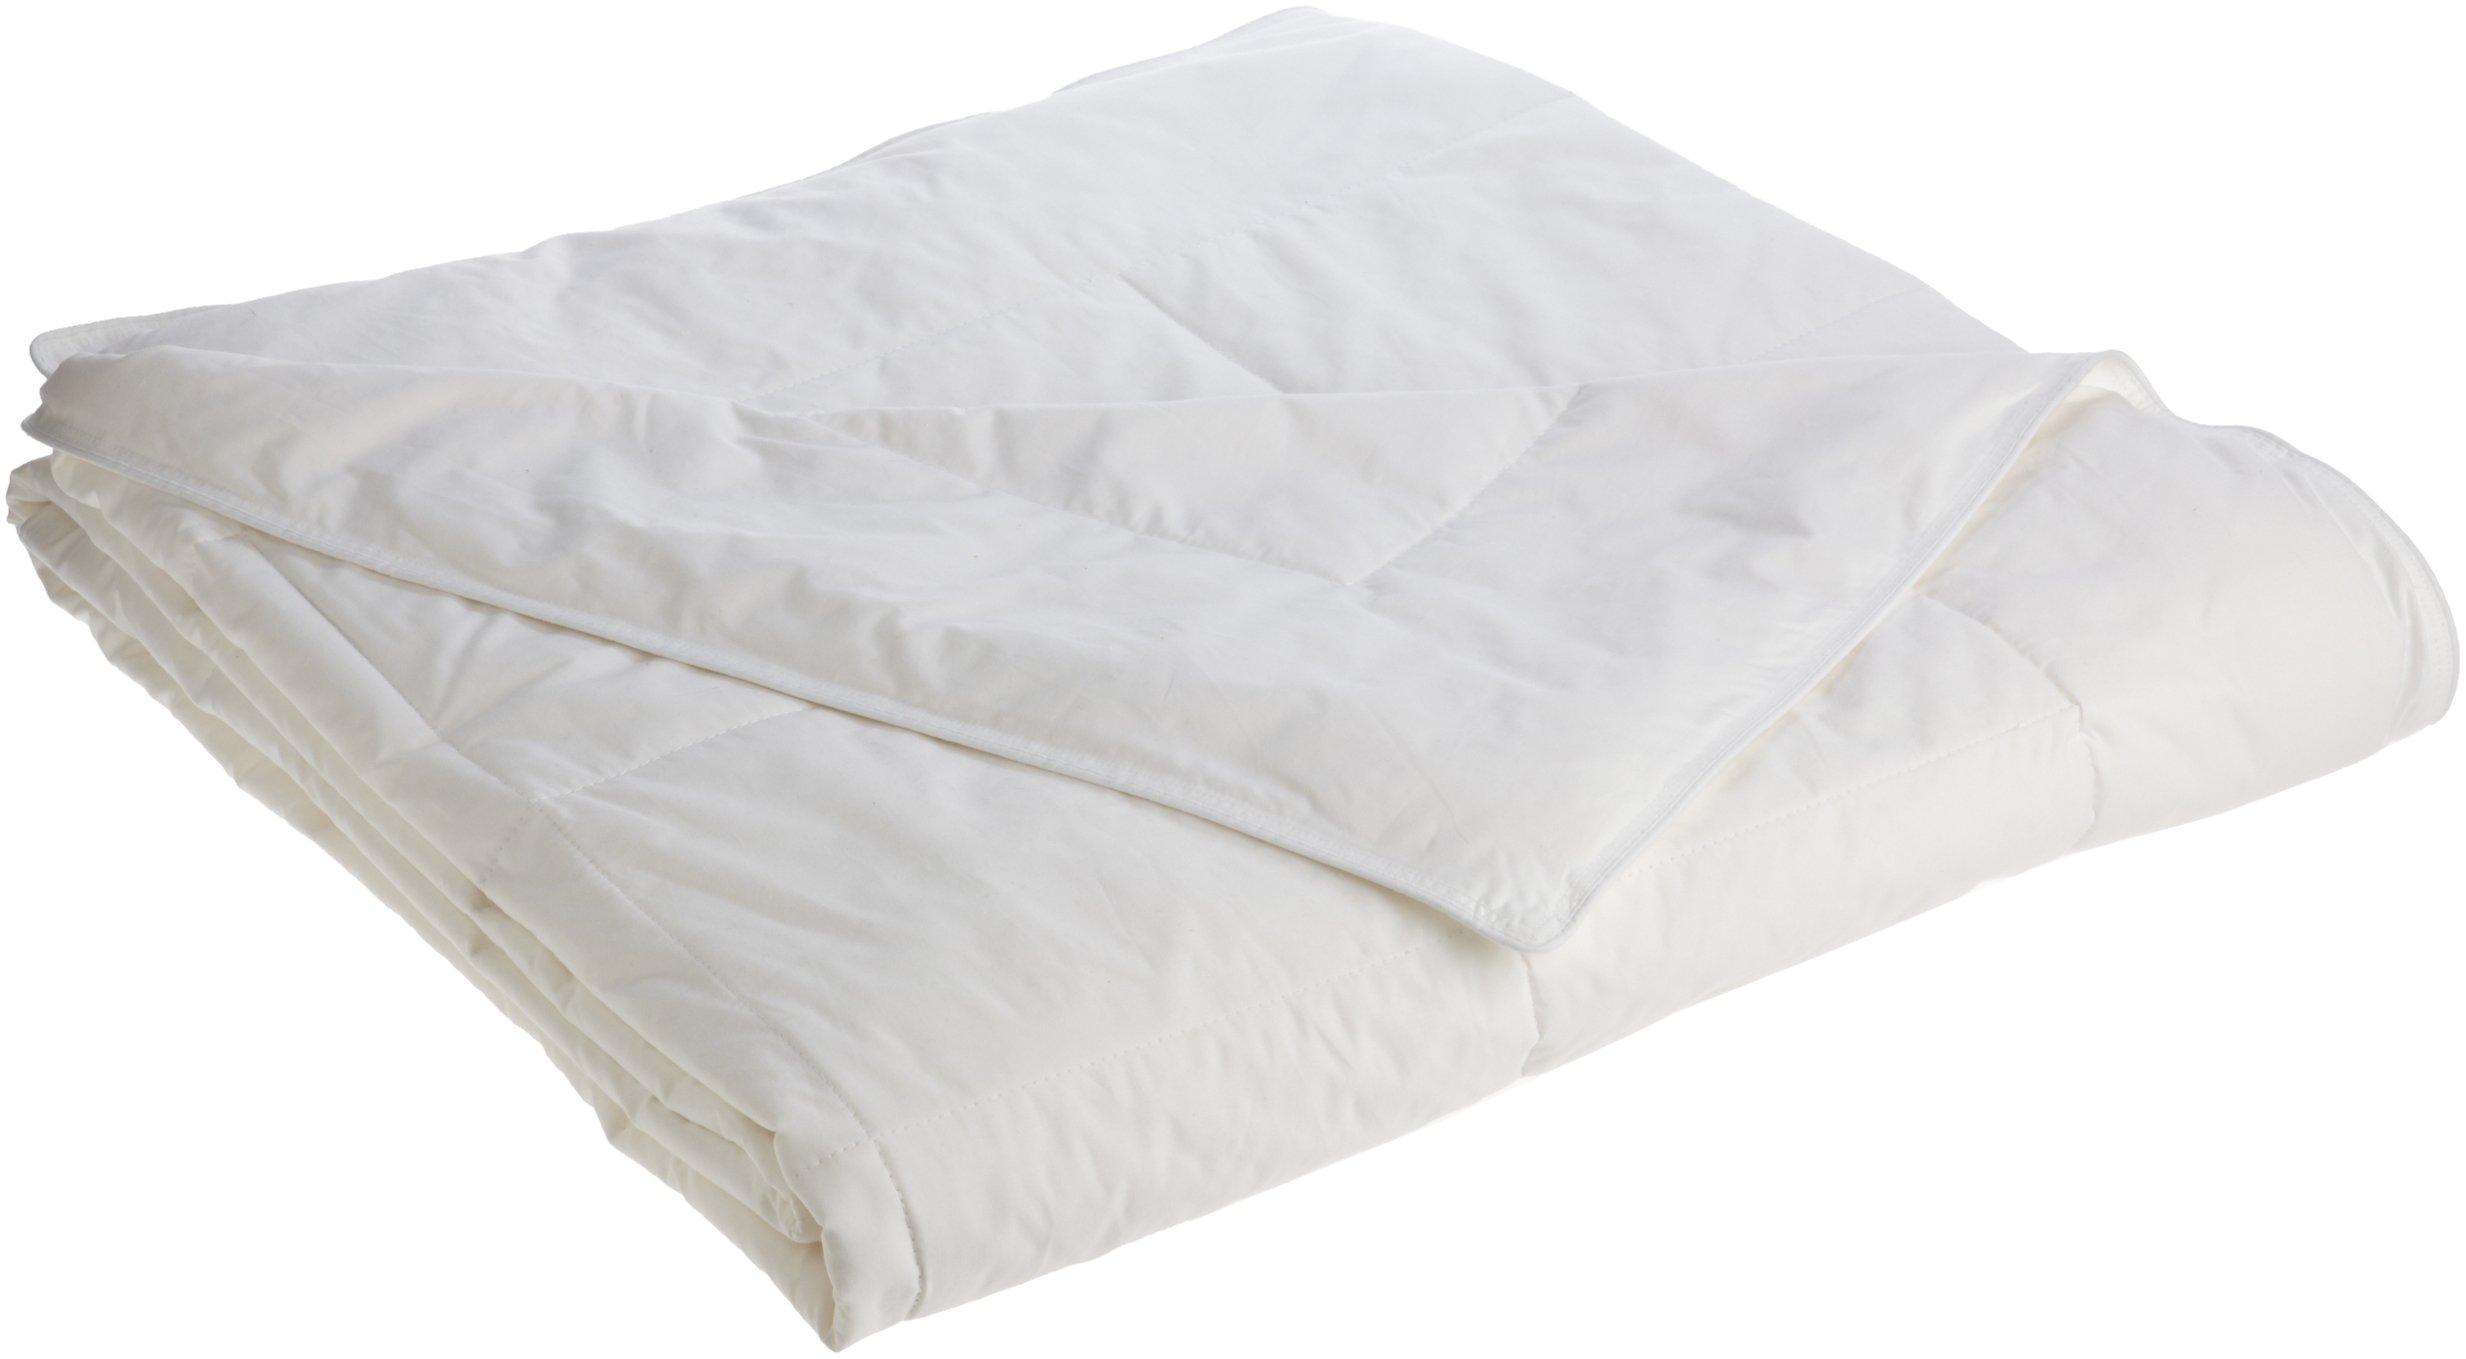 Smartsilk Duvet Comforter, Twin Size